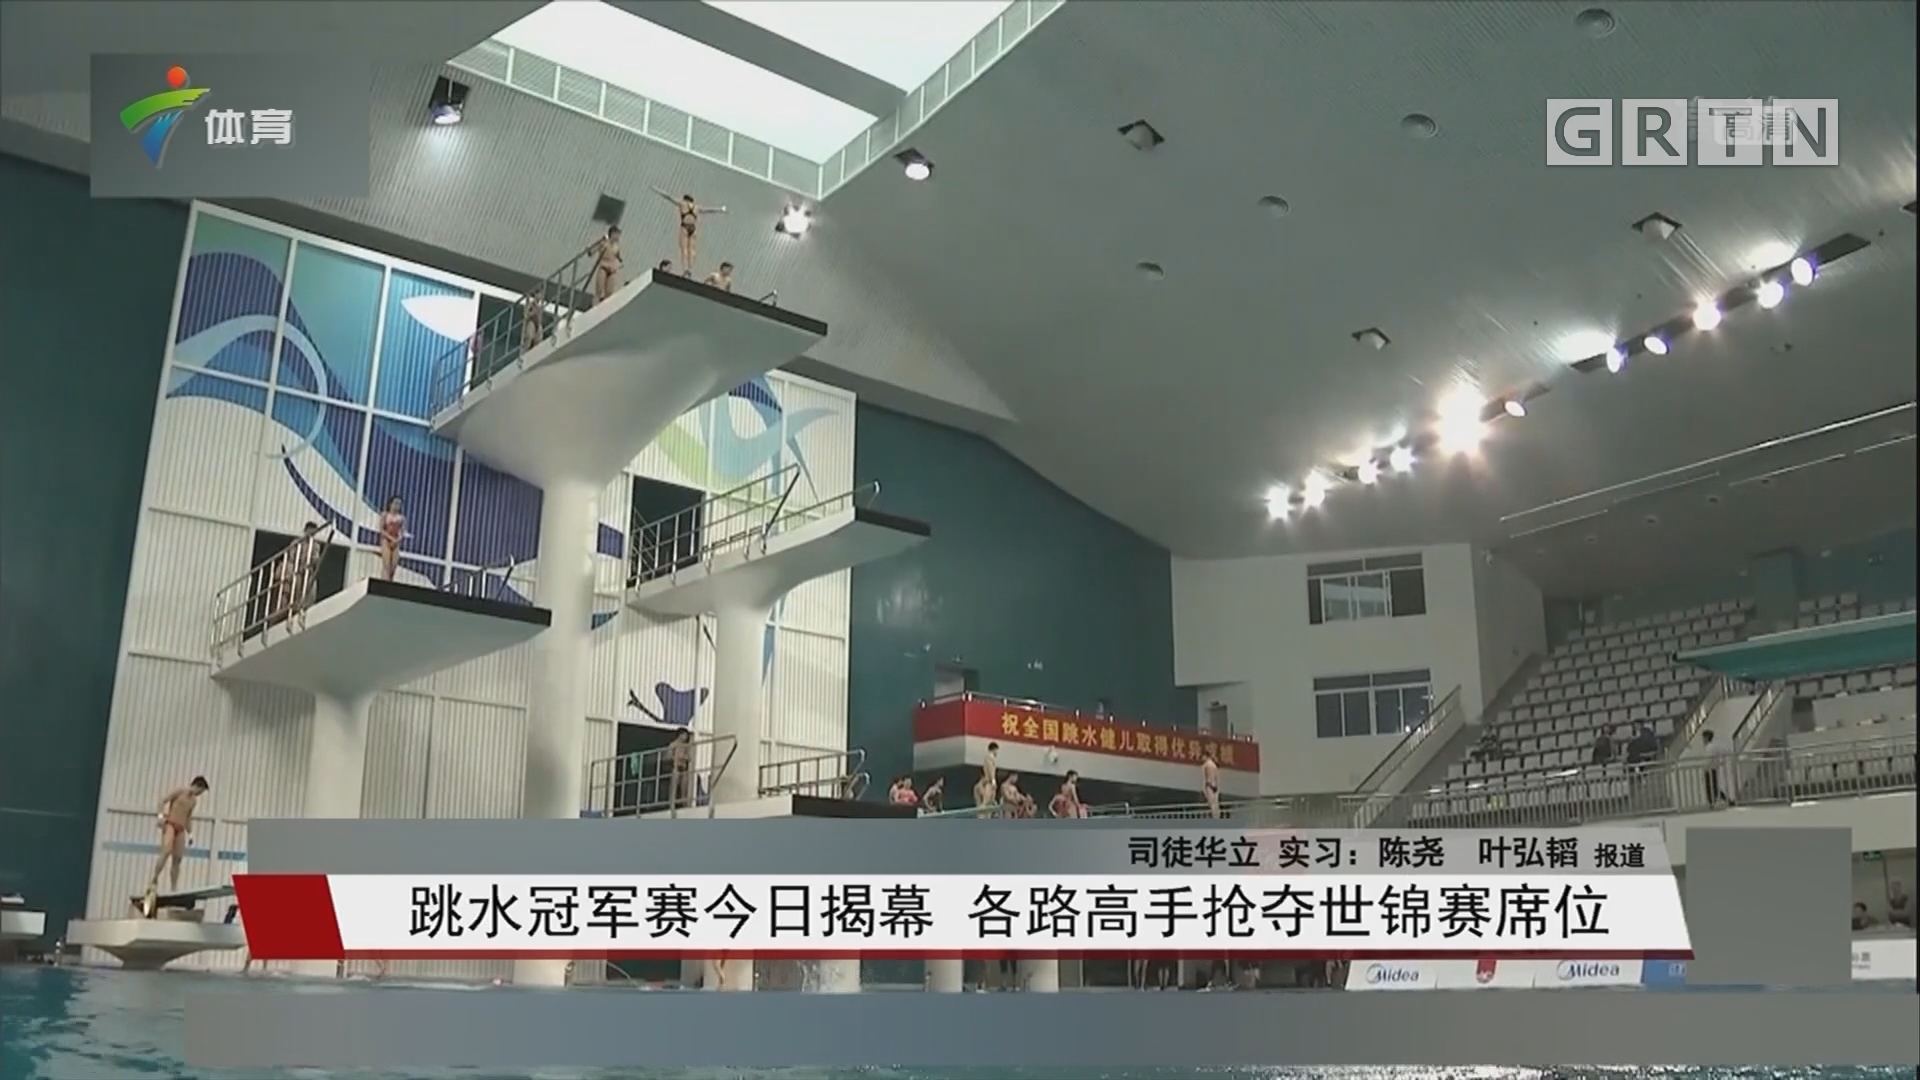 跳水冠军赛今日揭幕 各路高手抢夺世锦赛席位